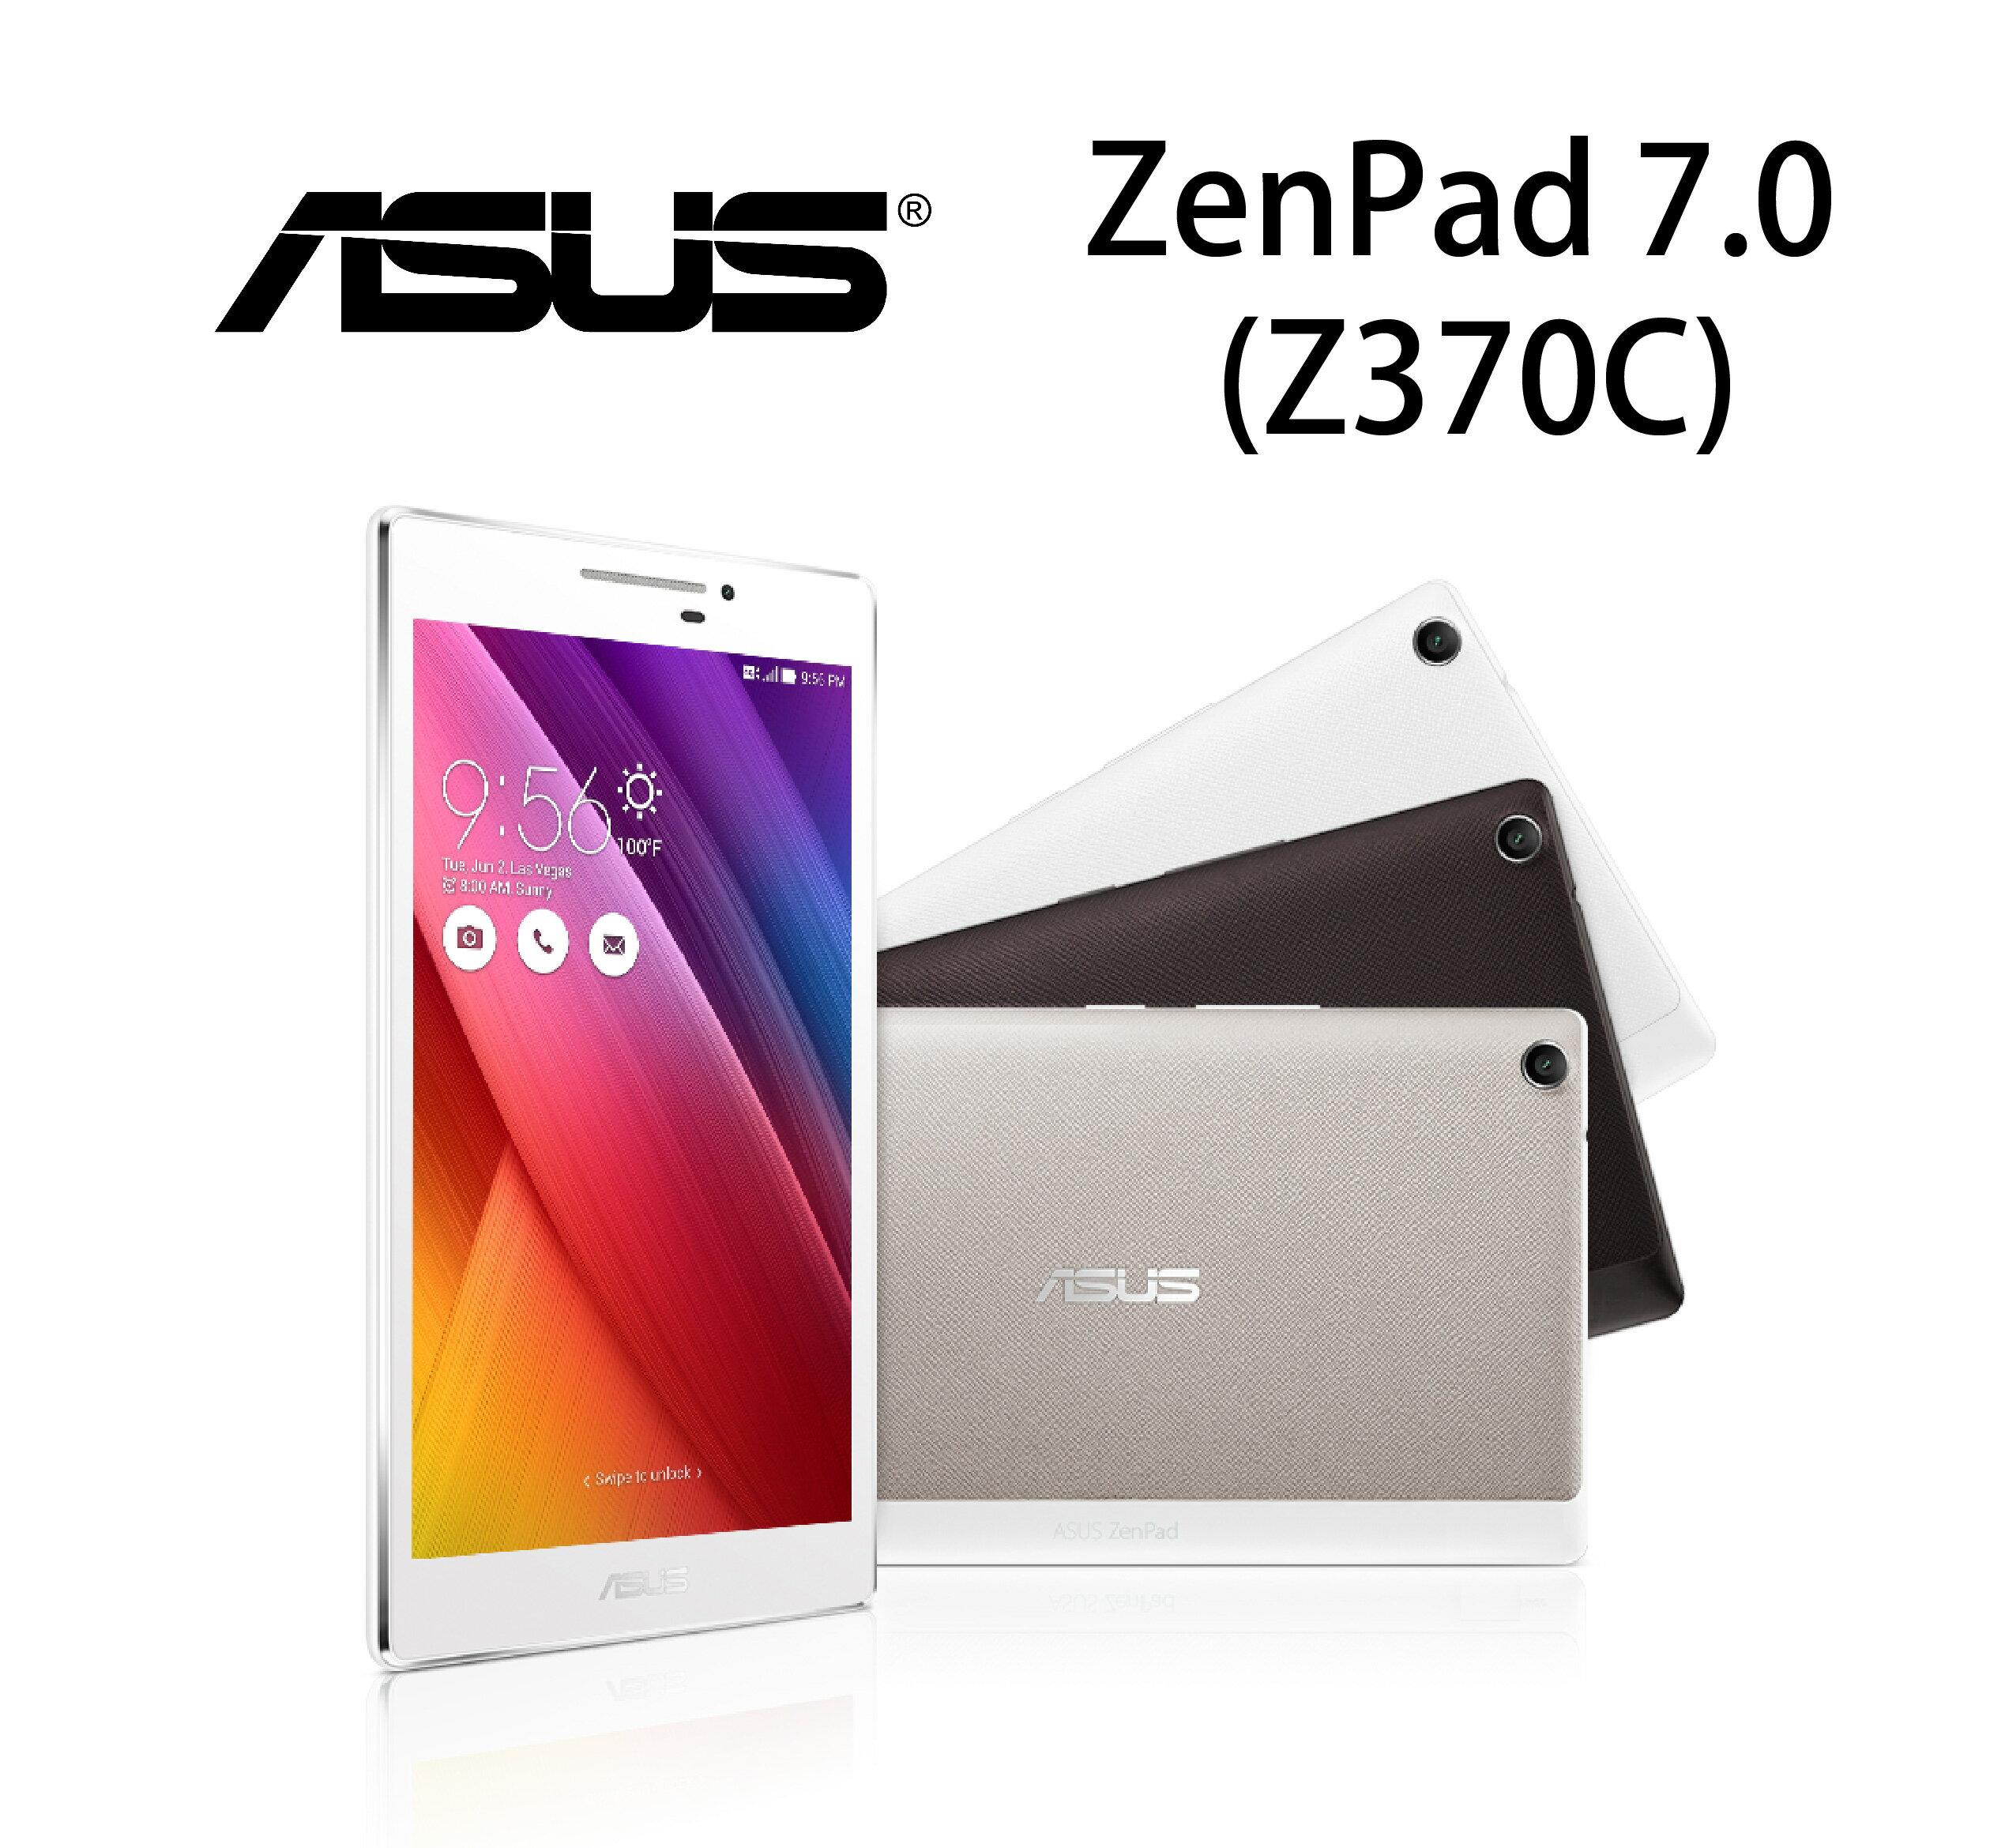 華碩 ASUS ZenPad 7.0 (Z370KL) 《7吋追劇神器》《可通話平板》2G/8G-金/黑/白[6期零利率]